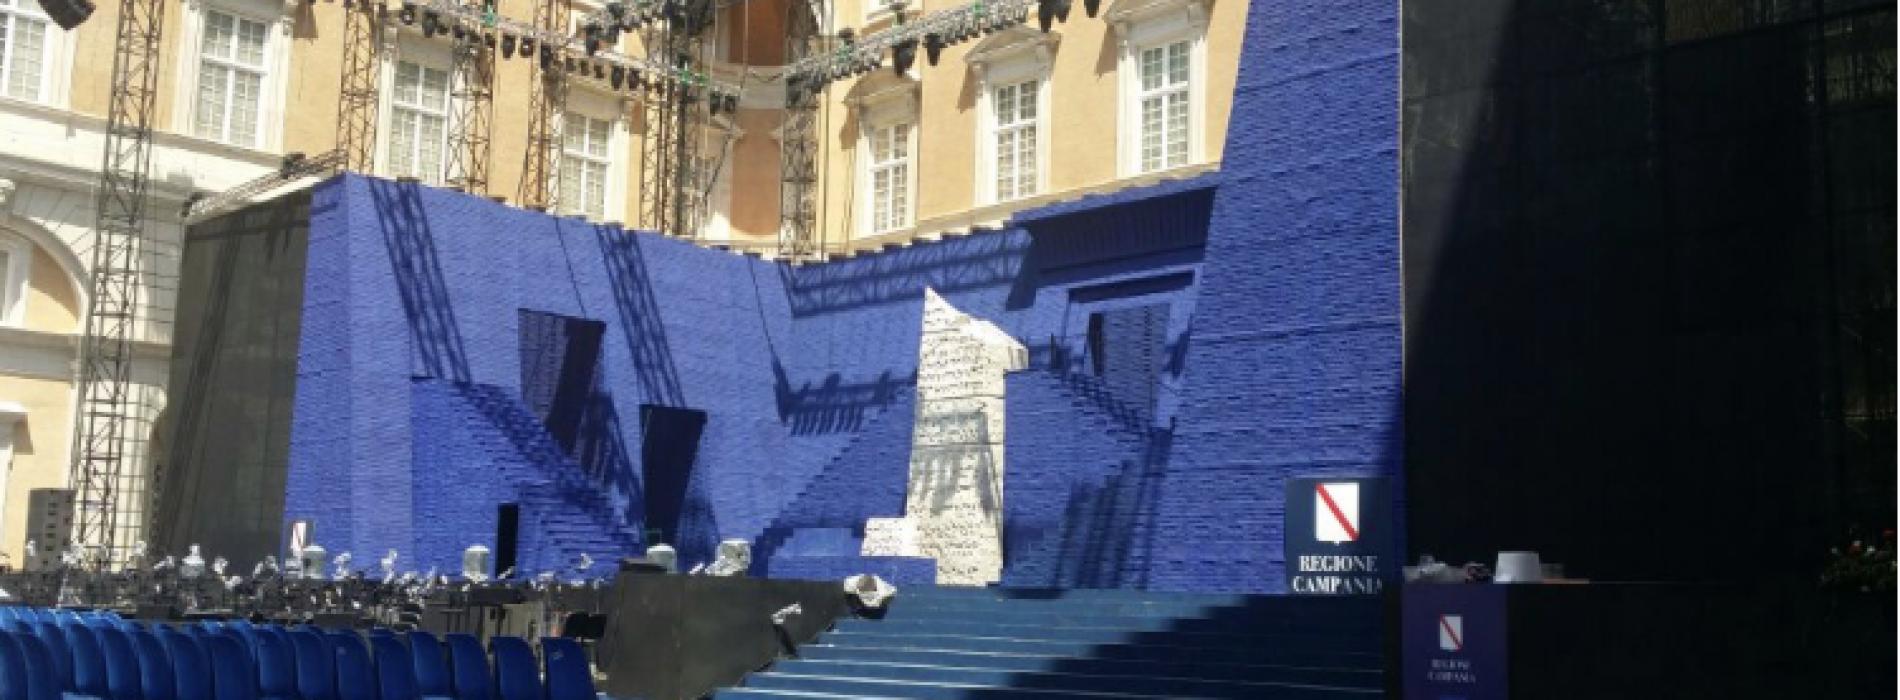 Un'Estate da Re atto secondo. Venerdì il Nabucco secondo Oren. Maxischermo davanti alla Reggia